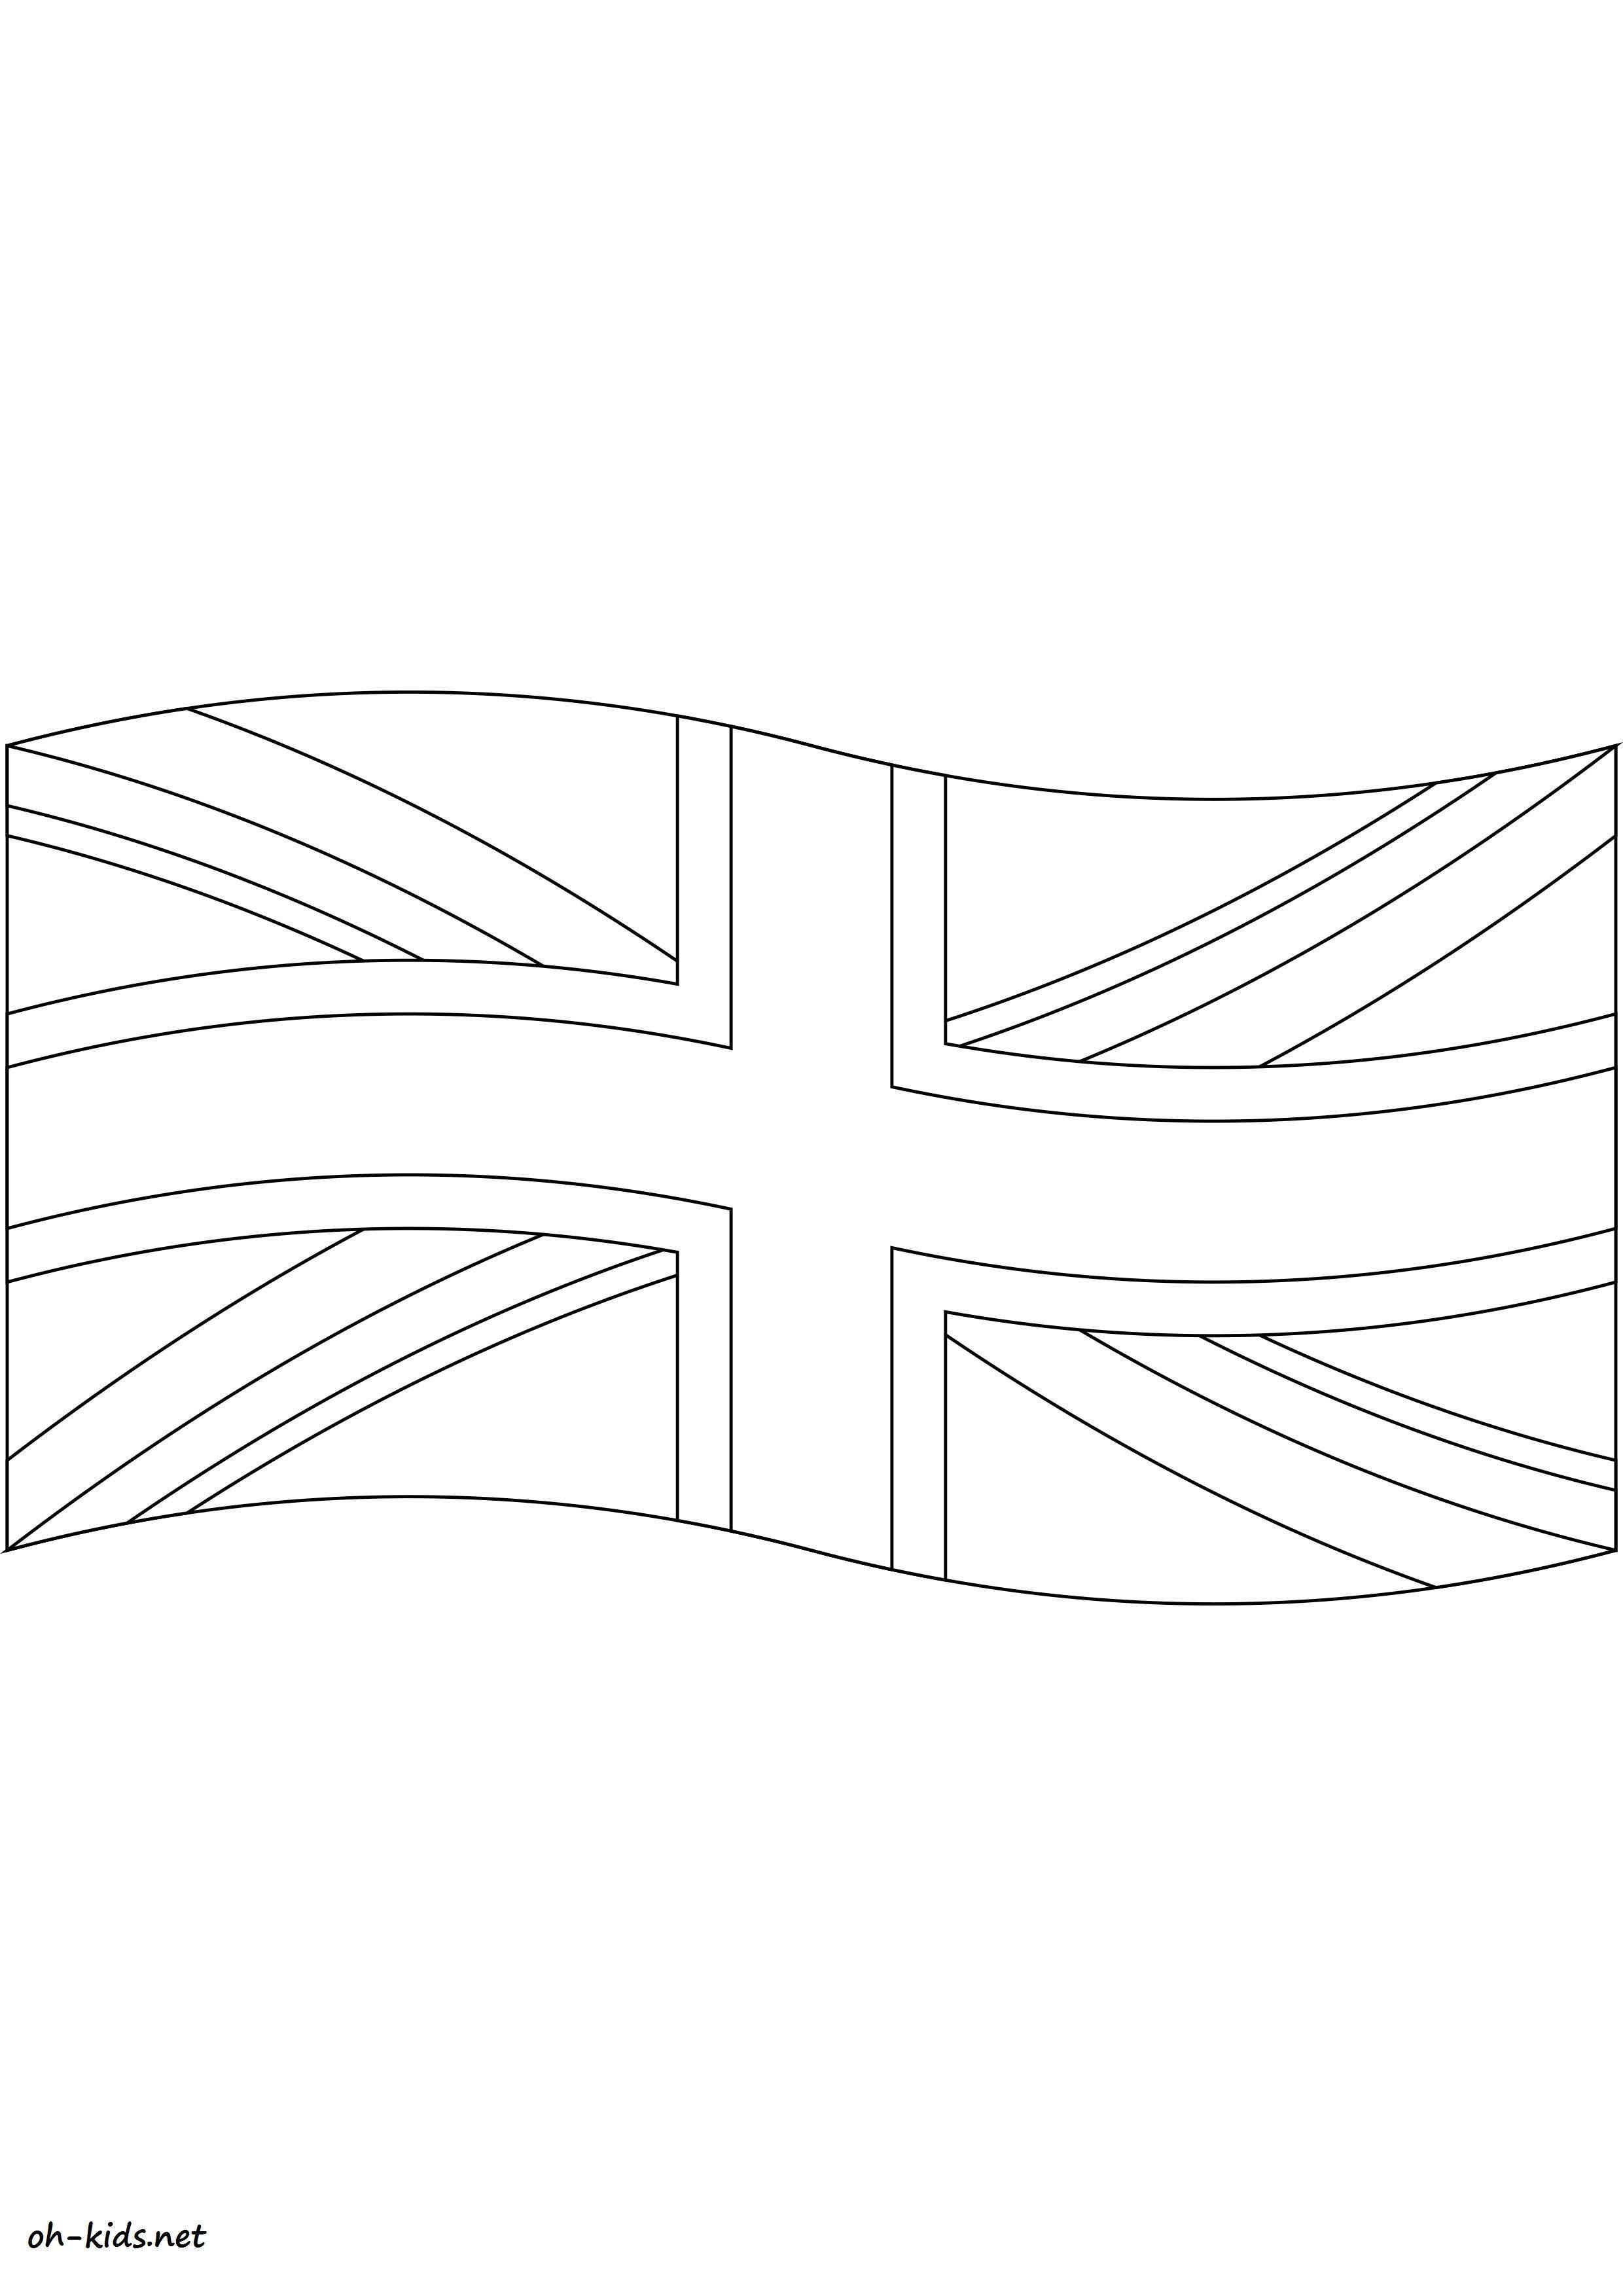 Coloriage drapeau anglais - oh Kids FR